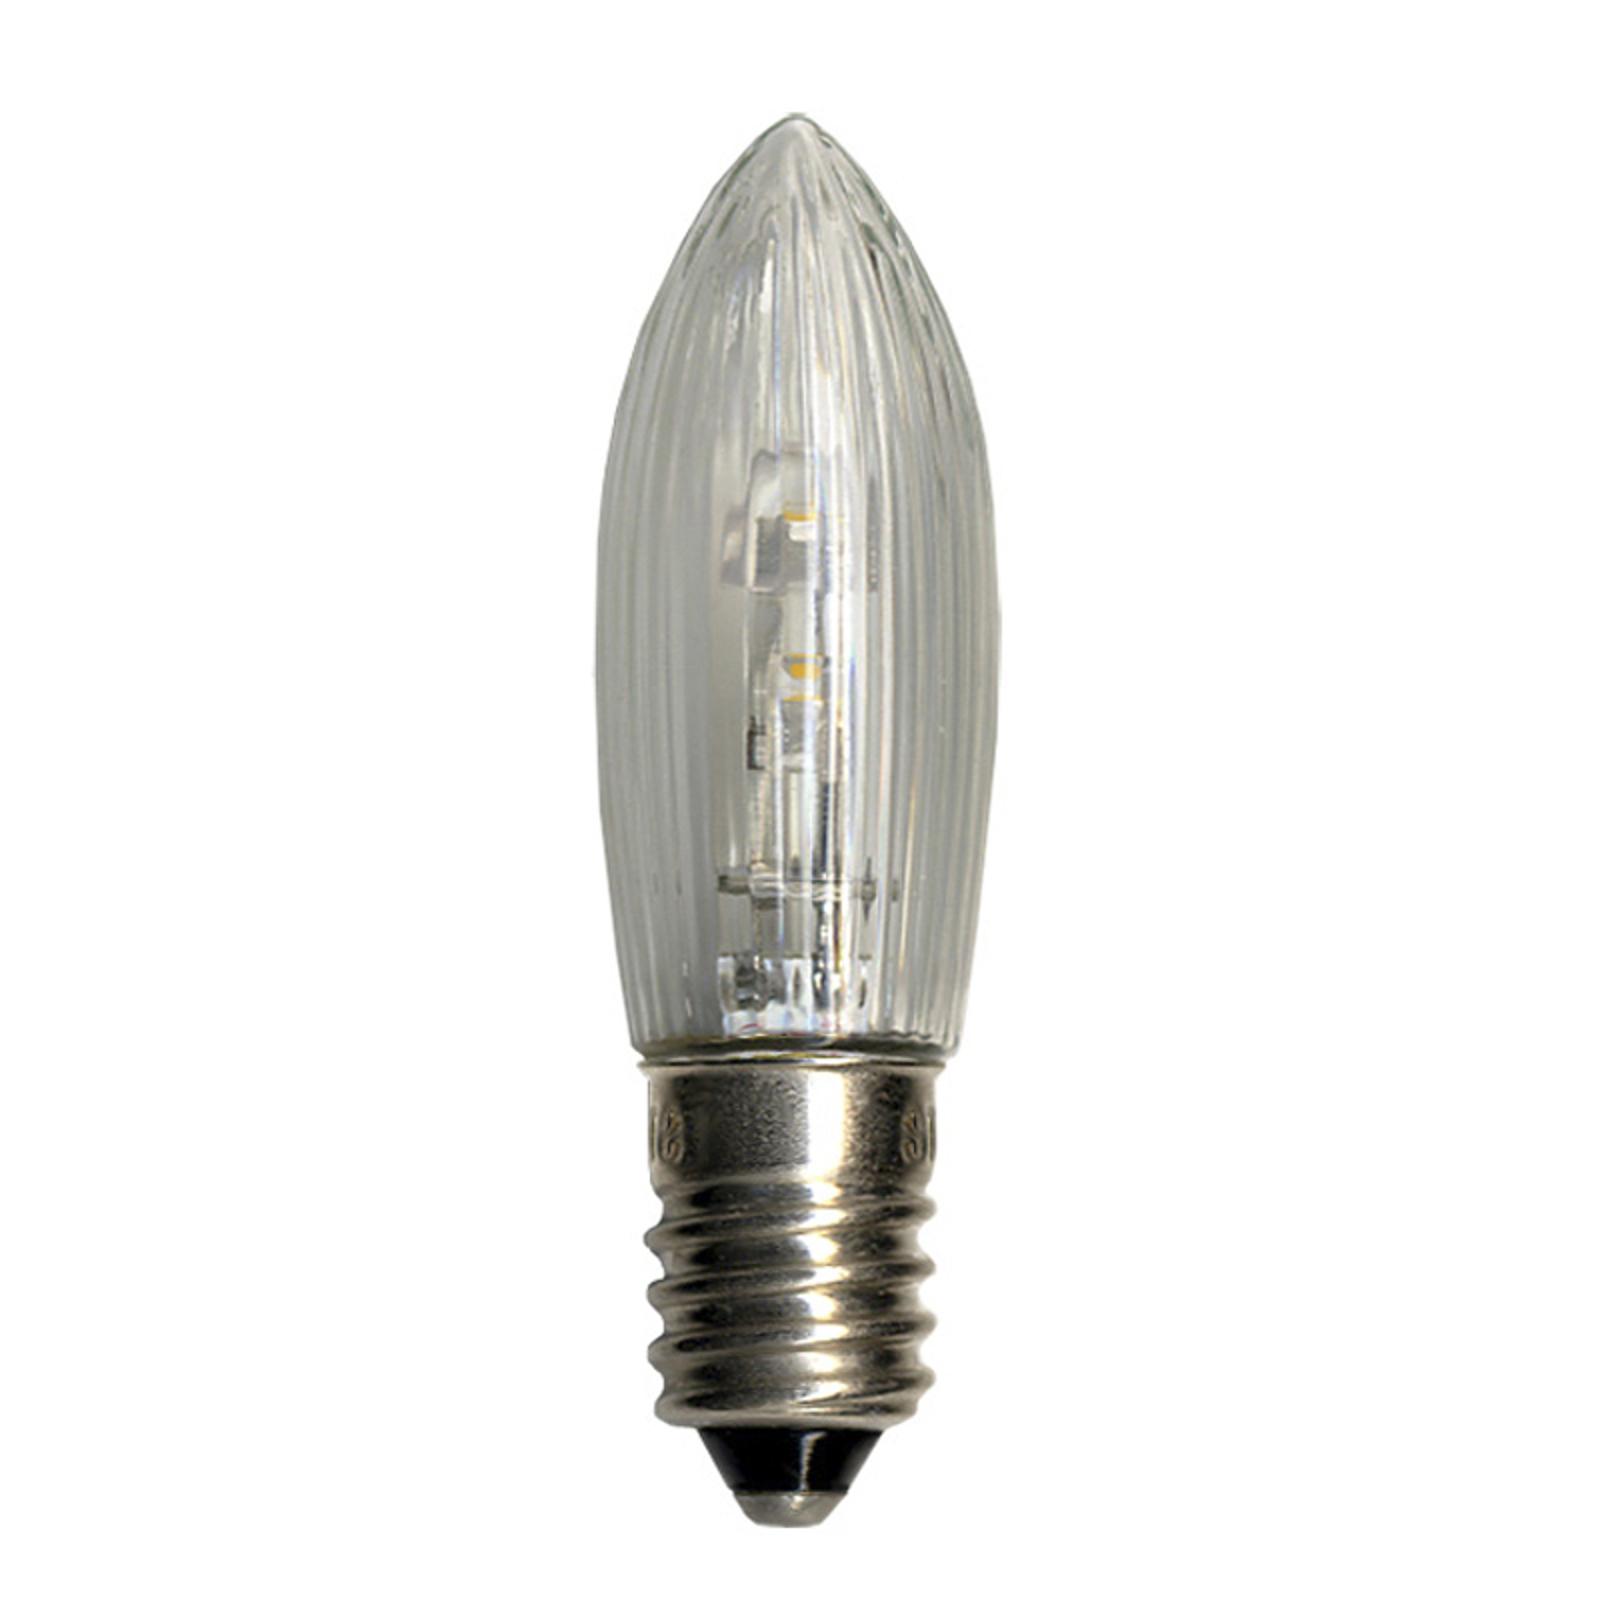 Kaarsv. E10-led-reservelamp van 0,2W, 10-55V, 3 st